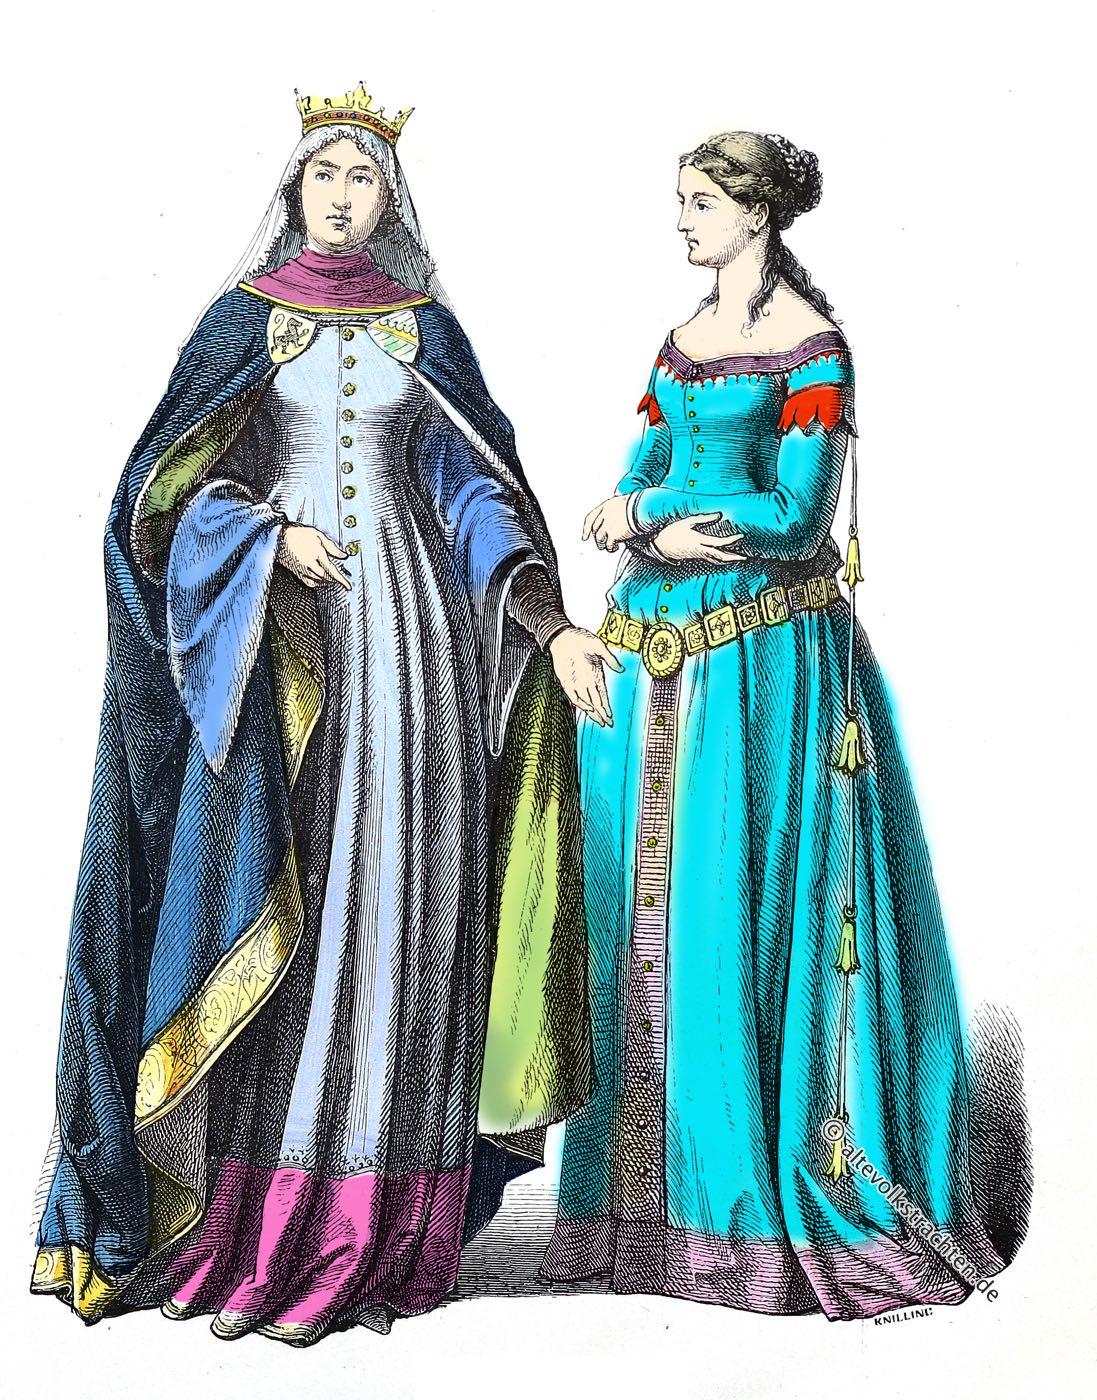 Münchener Bilderbogen, Mittelalter, Deutschland, Fürstin, Edeldame, Kostüme, Modegeschichte, 14. Jahrhundert,